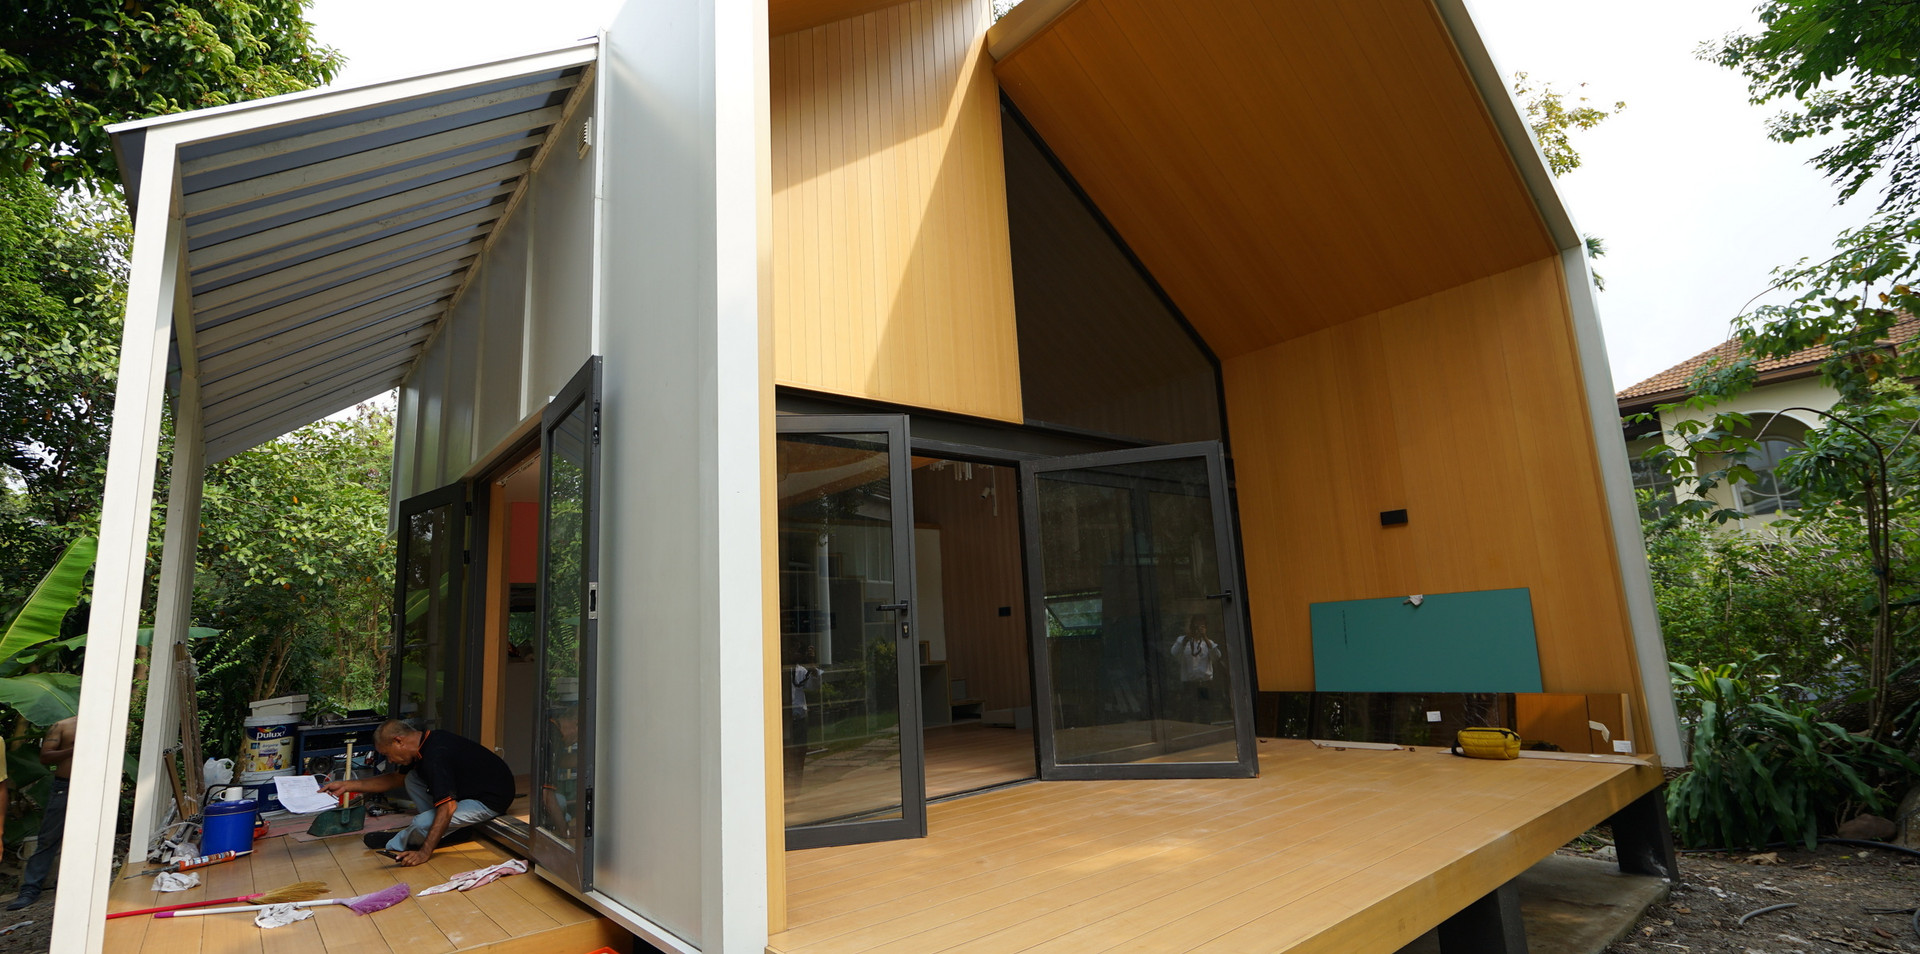 Teem Studio - House Studio